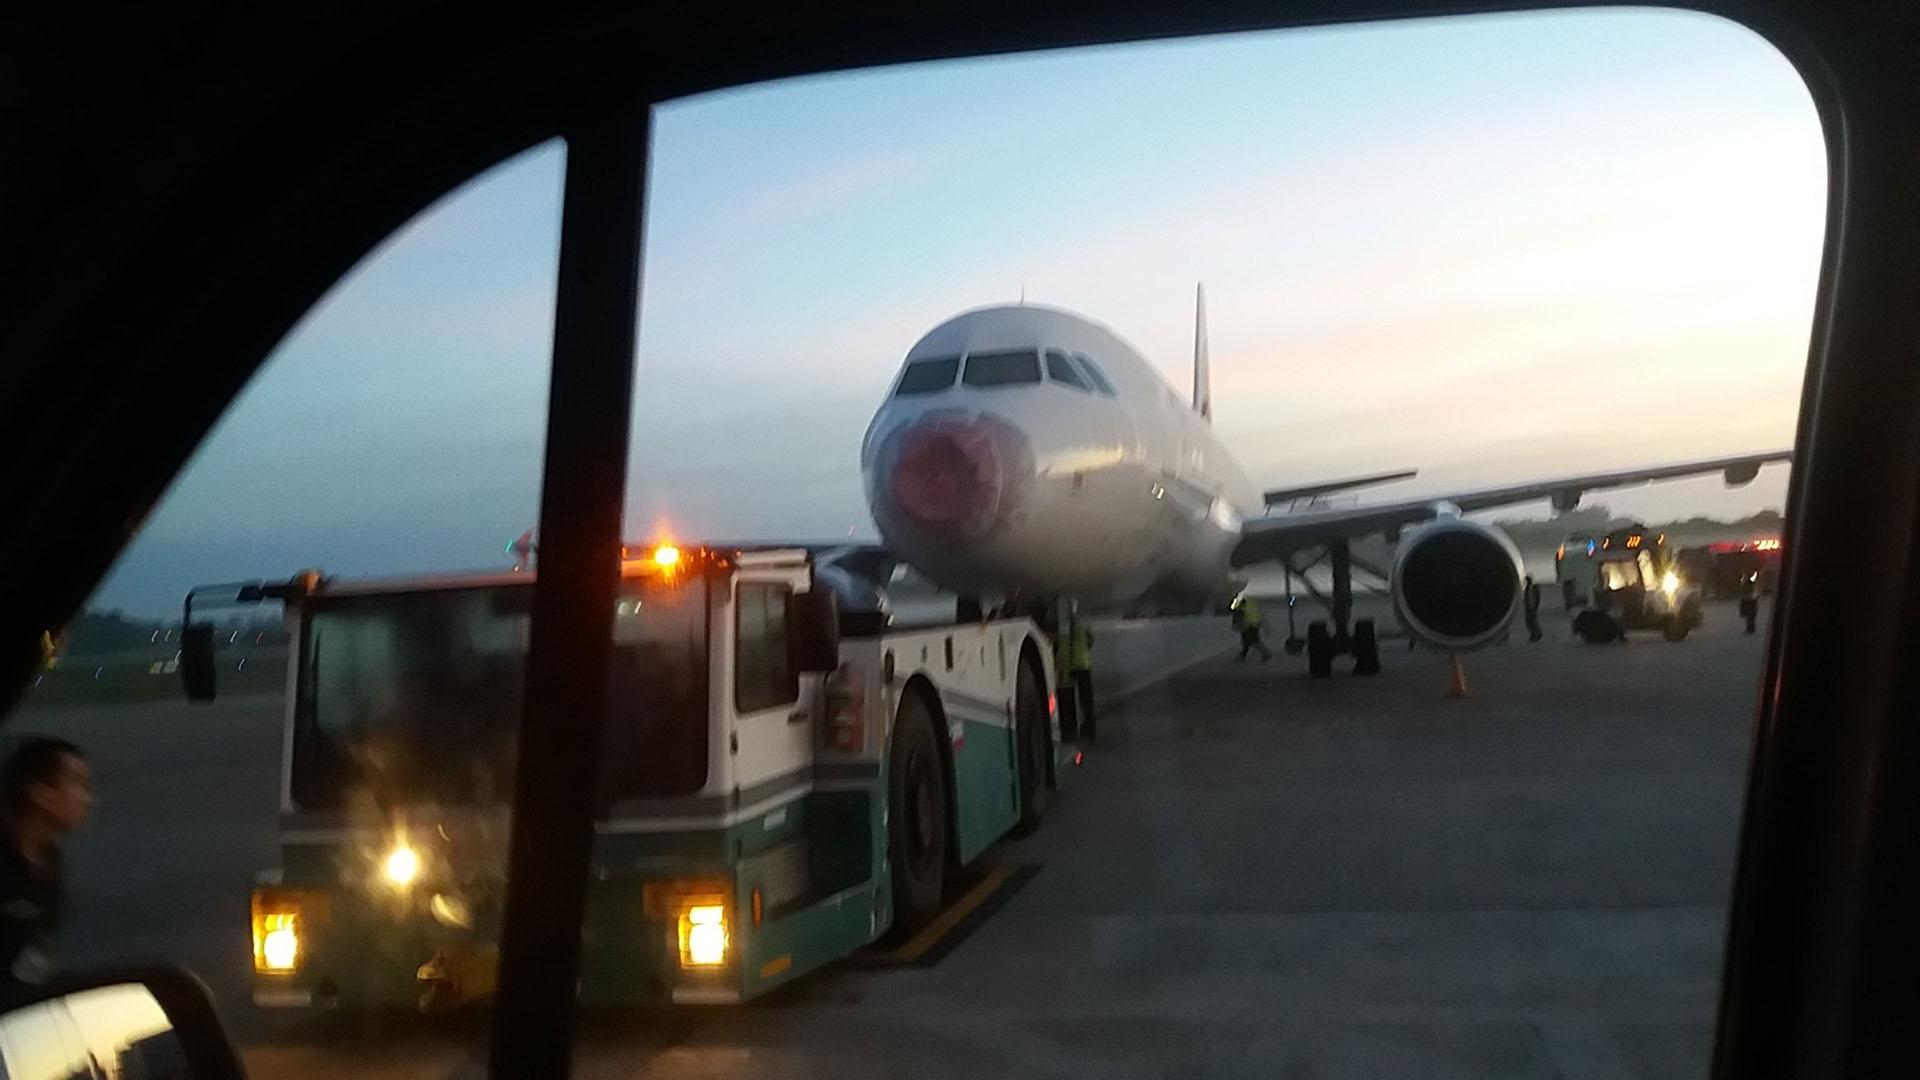 El piloto se declaró en emergencia y pidió prioridad para aterrizar en Ezeiza (foto: @siular1)